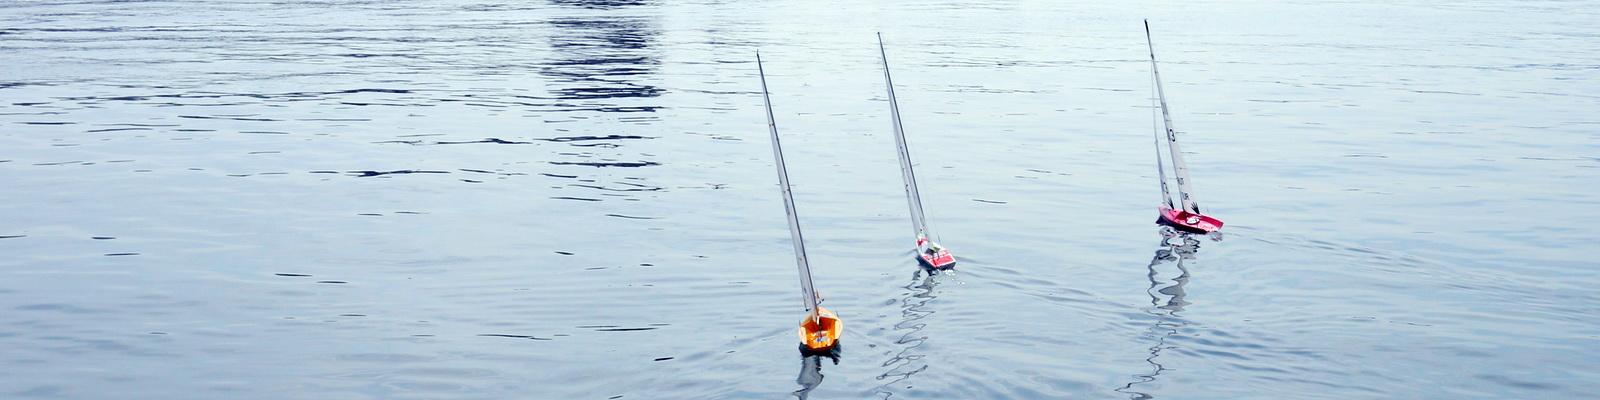 24th Rijeka's RC regatta